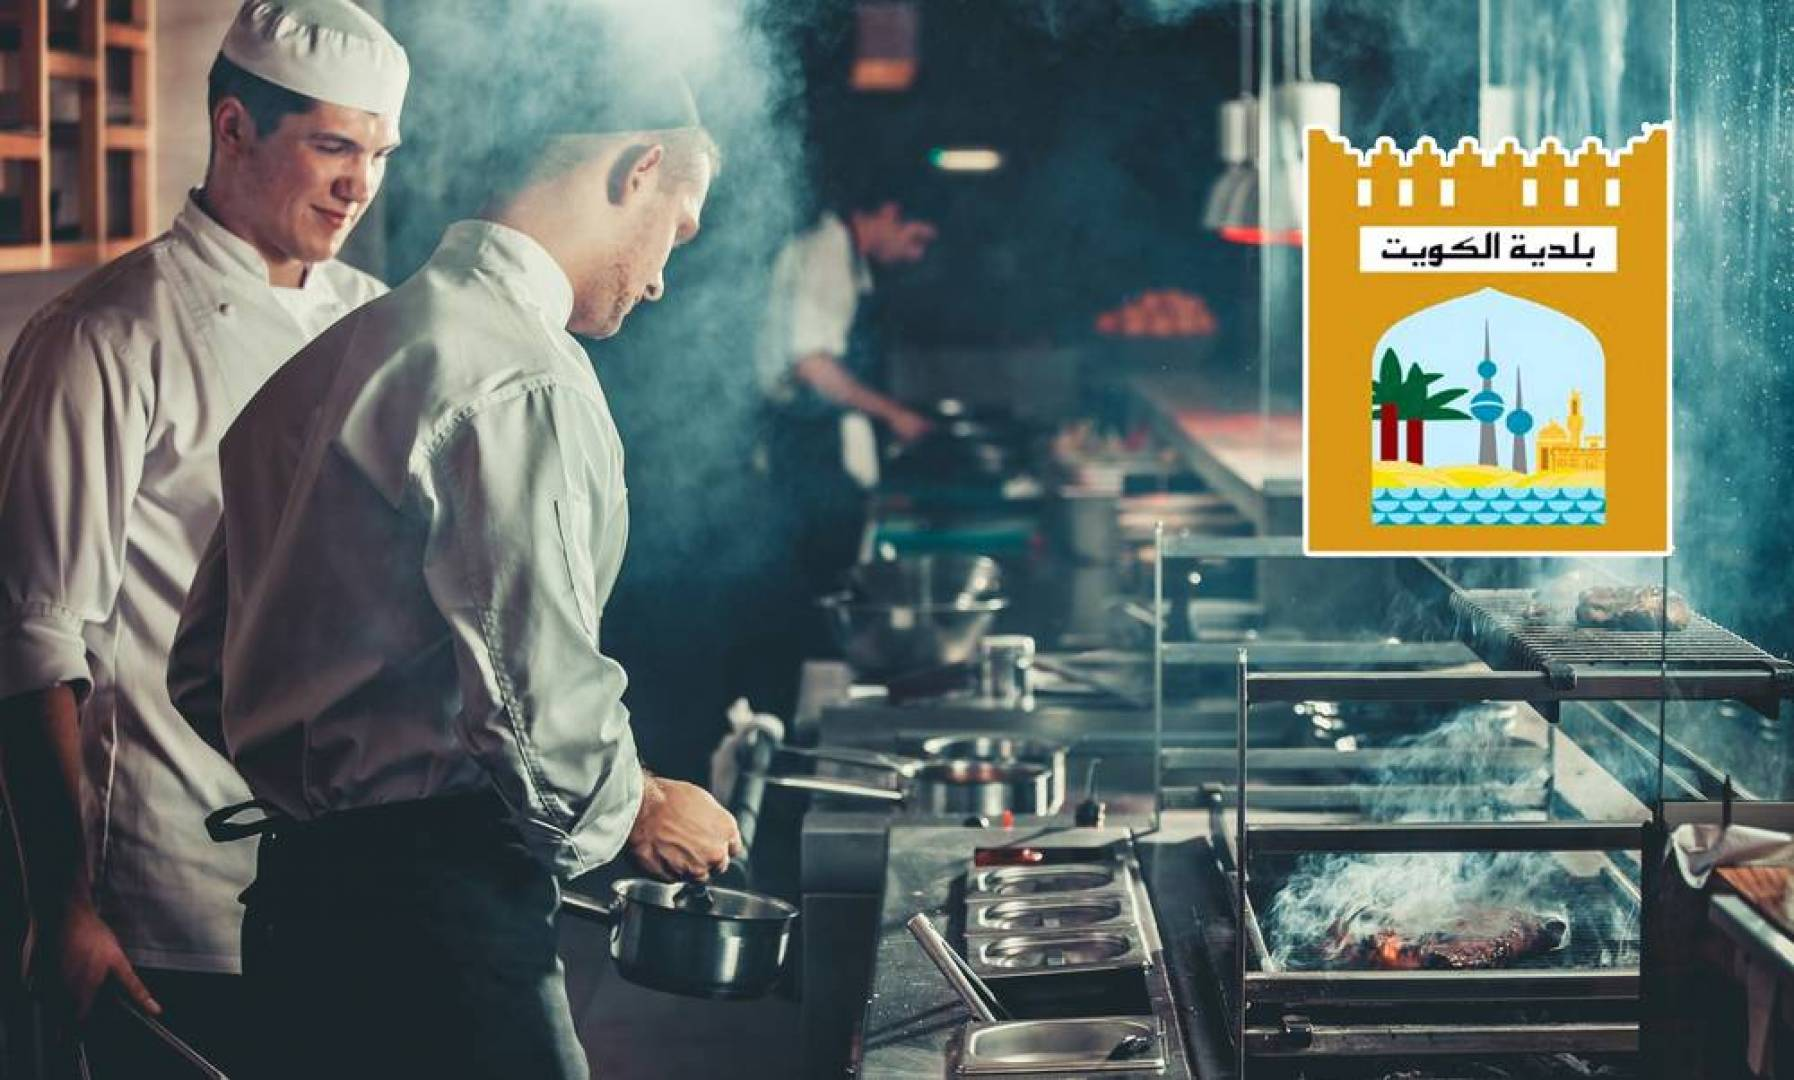 «البلدية» تعدل مواعيد العمل للمطاعم والمقاهي